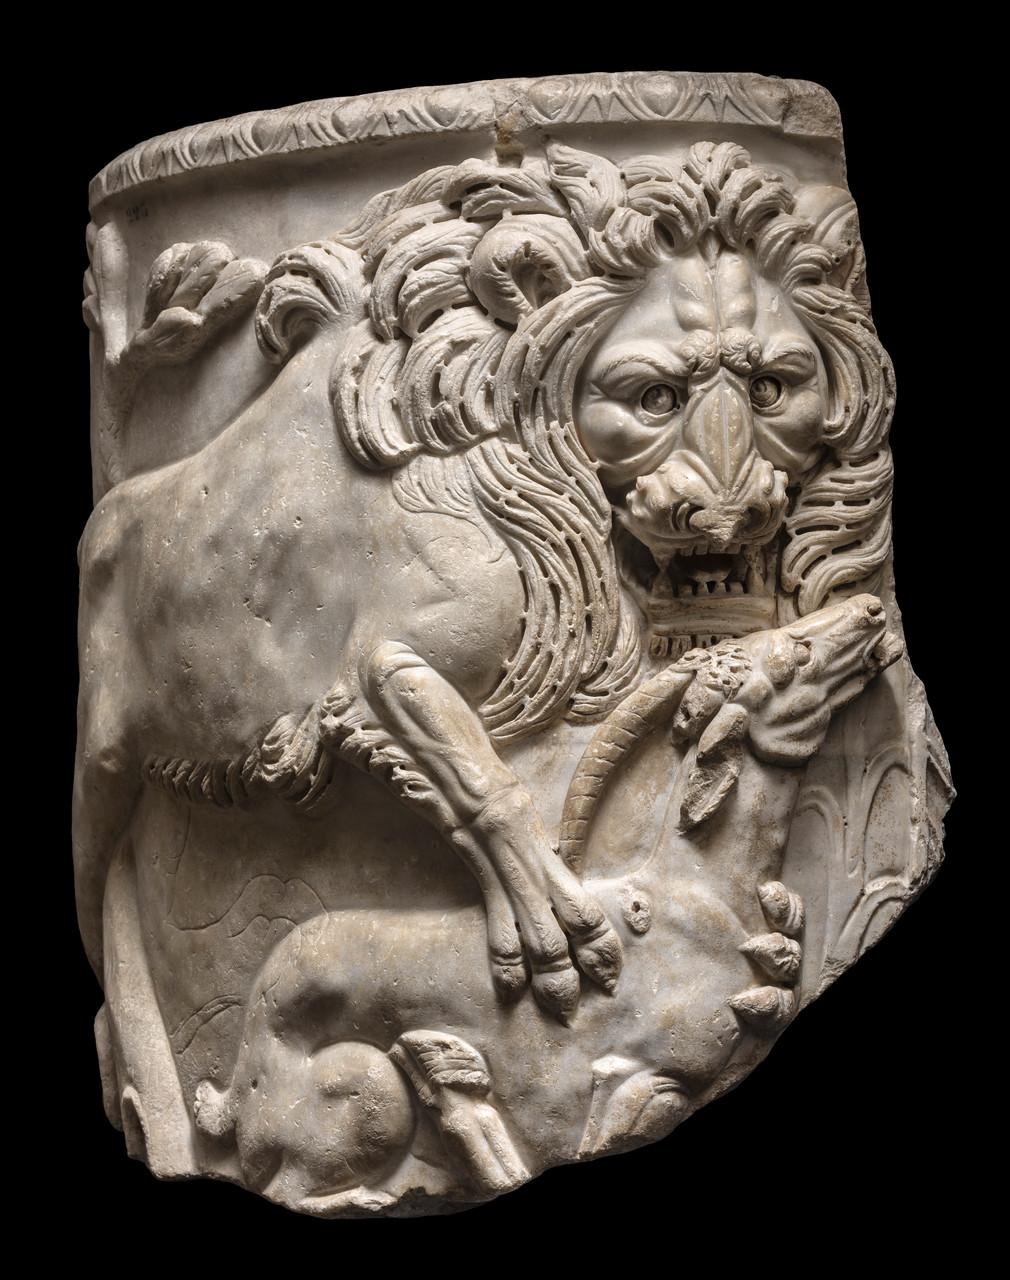 Sarcofago a lenos con leone e antilope, 270-280 d.C. Marmo bianco lunense, 101x96x10 cm Musei Capitolini, Palazzo Nuovo  Roma, Italia © Foto di Zeno Colantoni